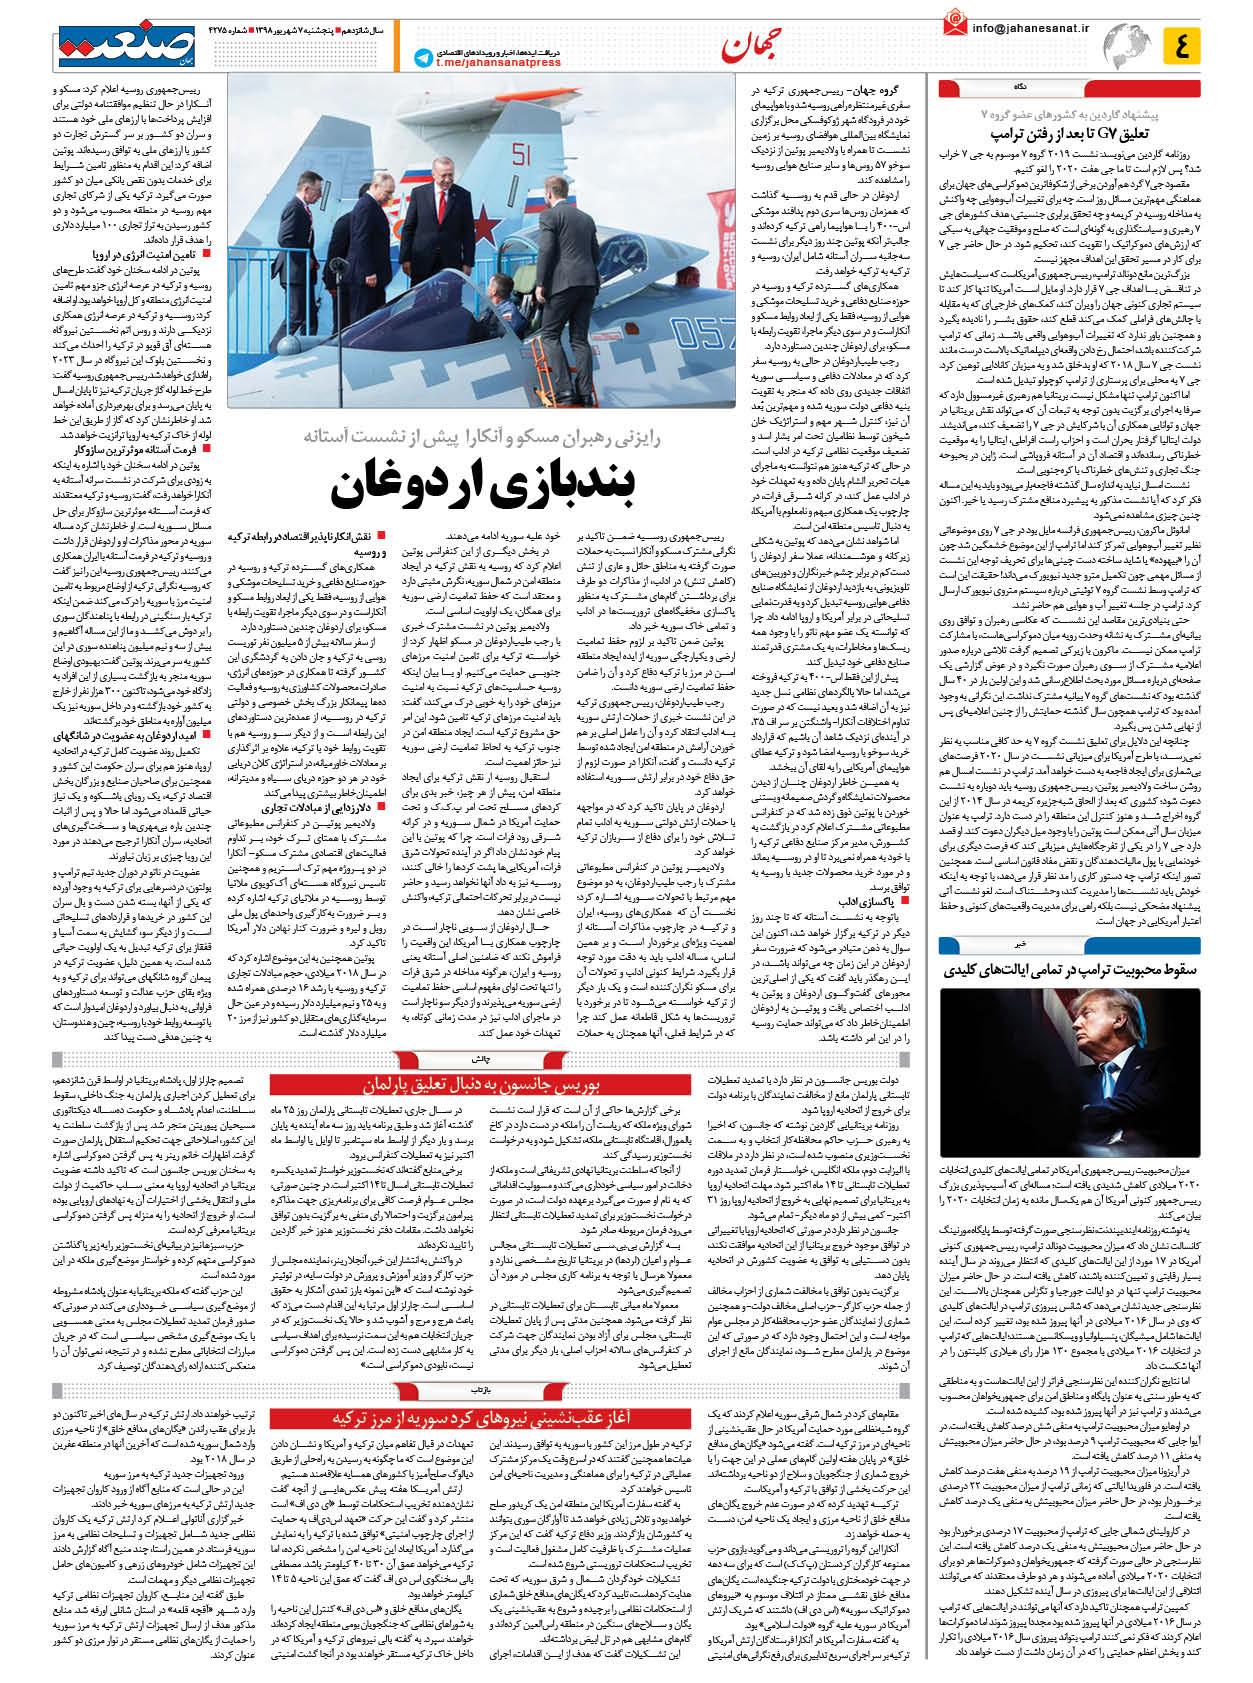 صفحه ۰۴ – ۰۷ شهریور ۱۳۹۸